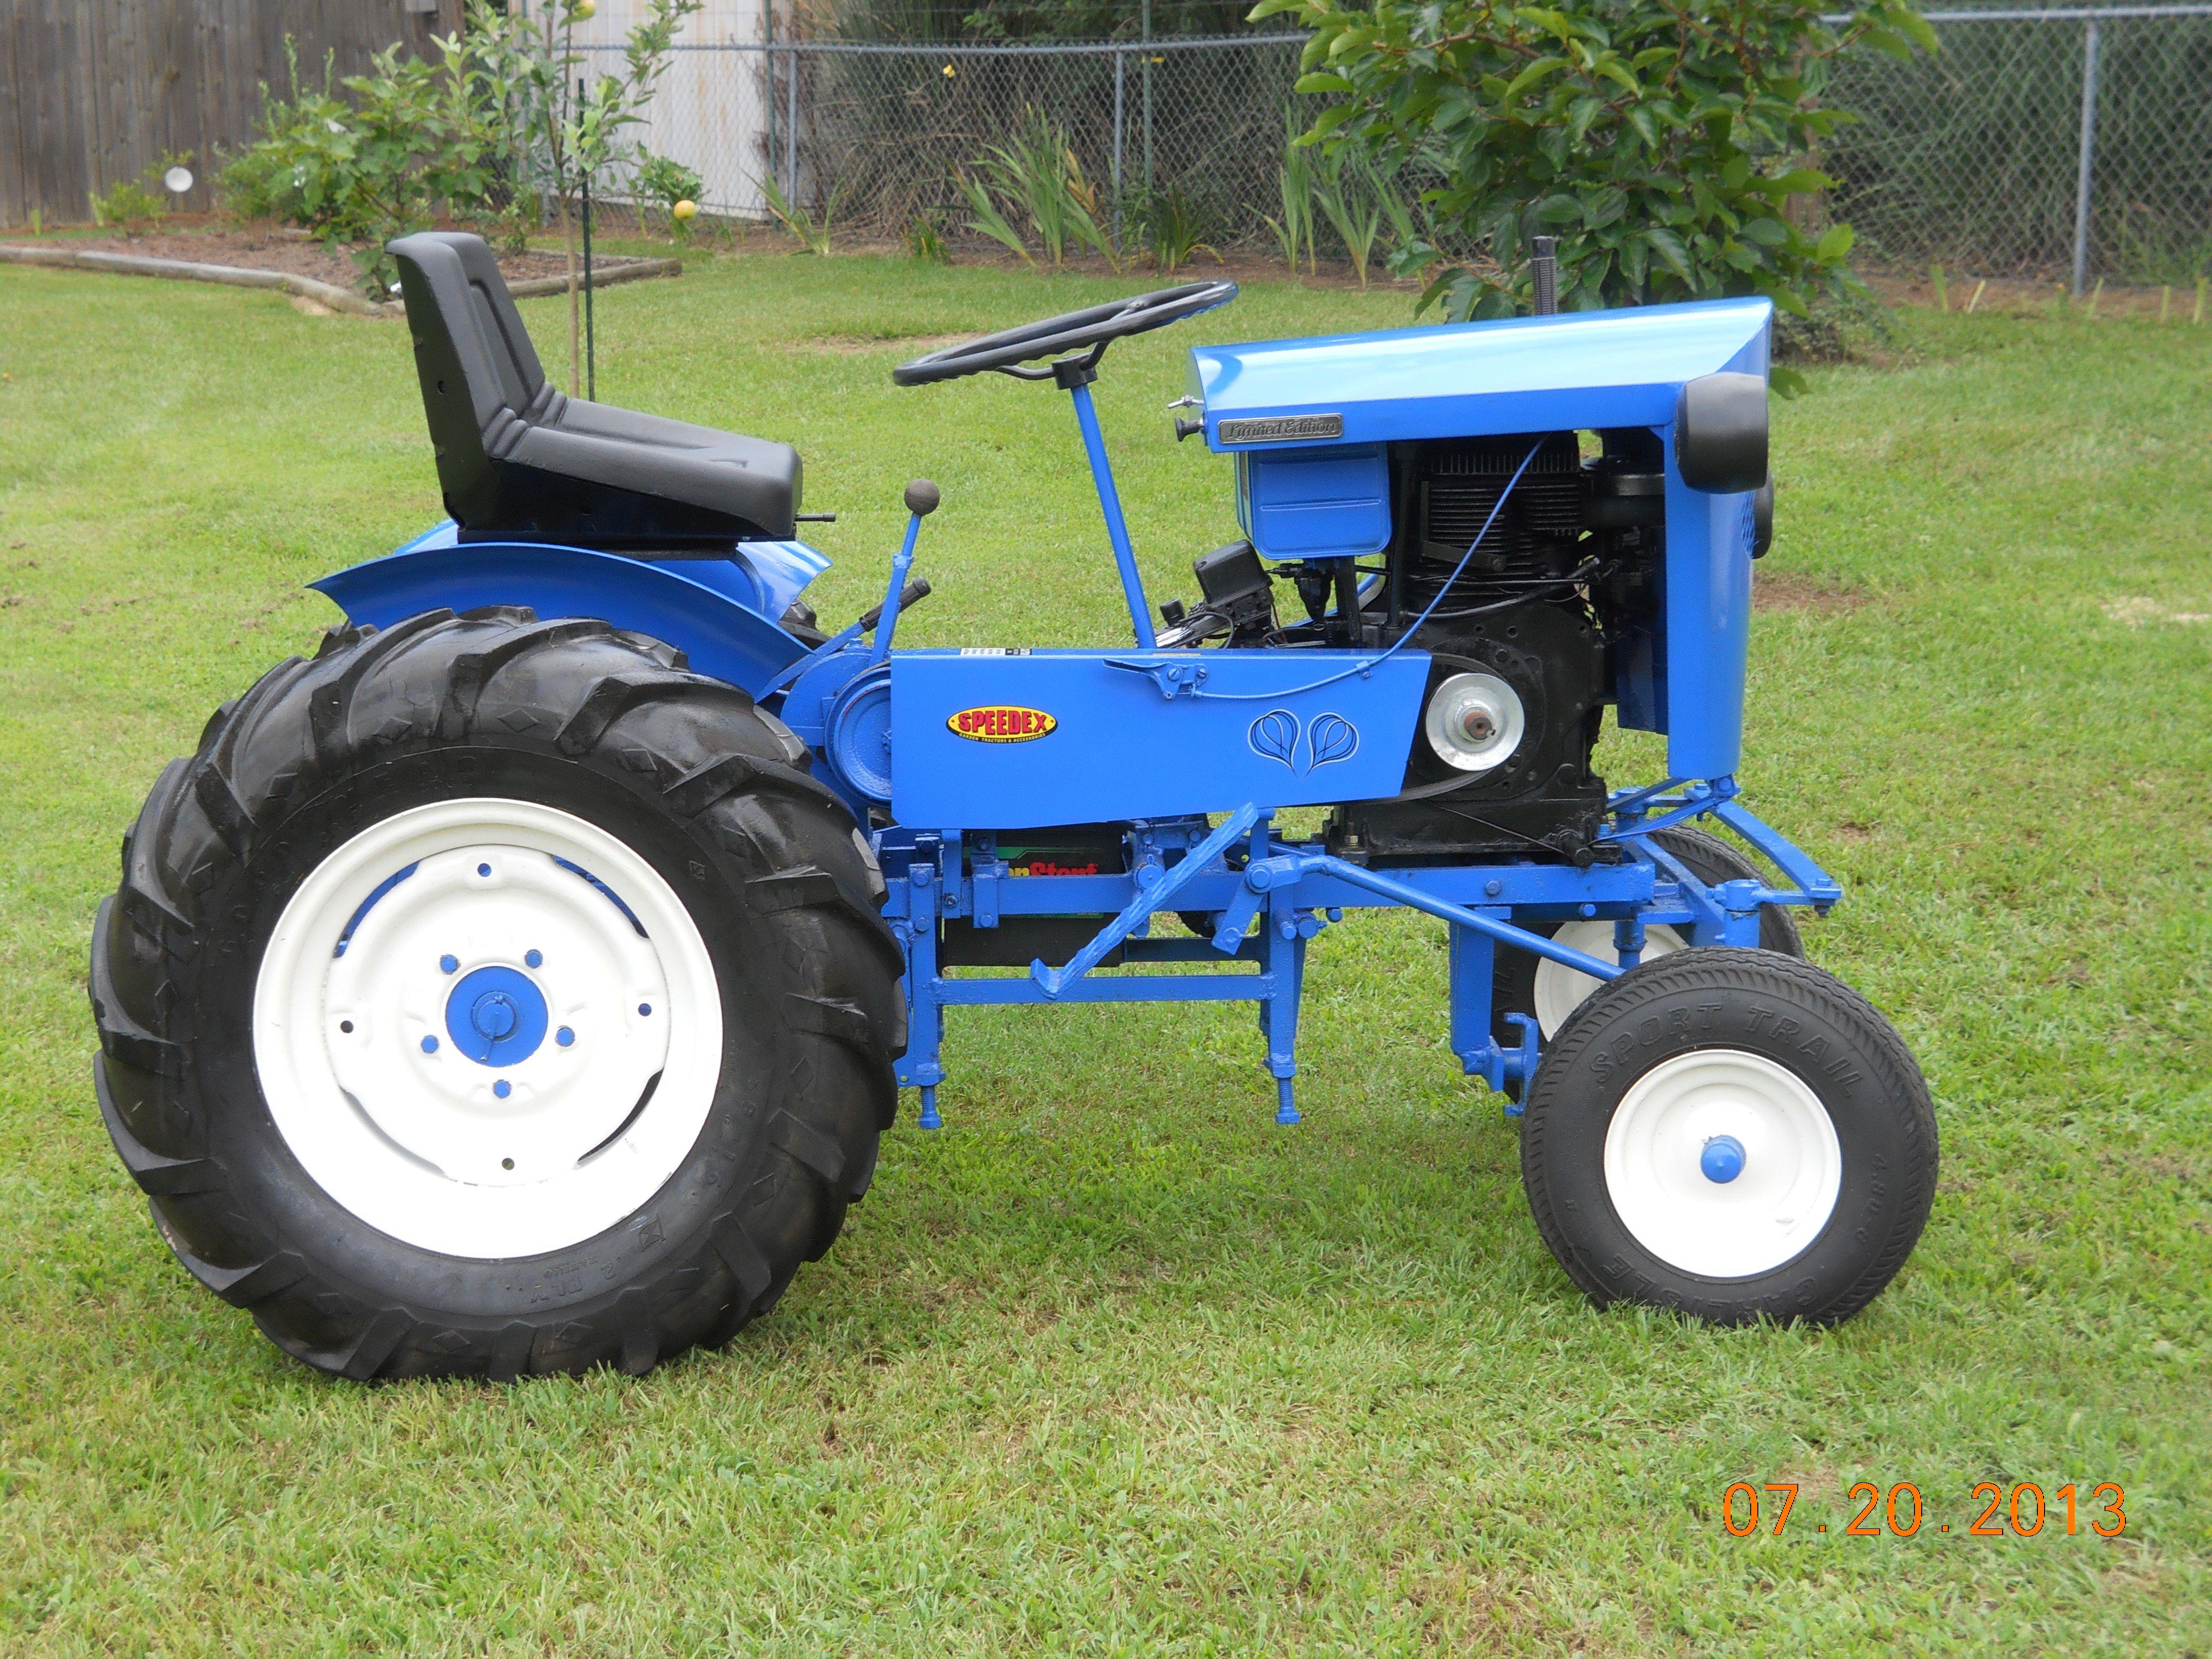 1959 Speedex Small Garden Tractor Homemade Tractor Small Tractors